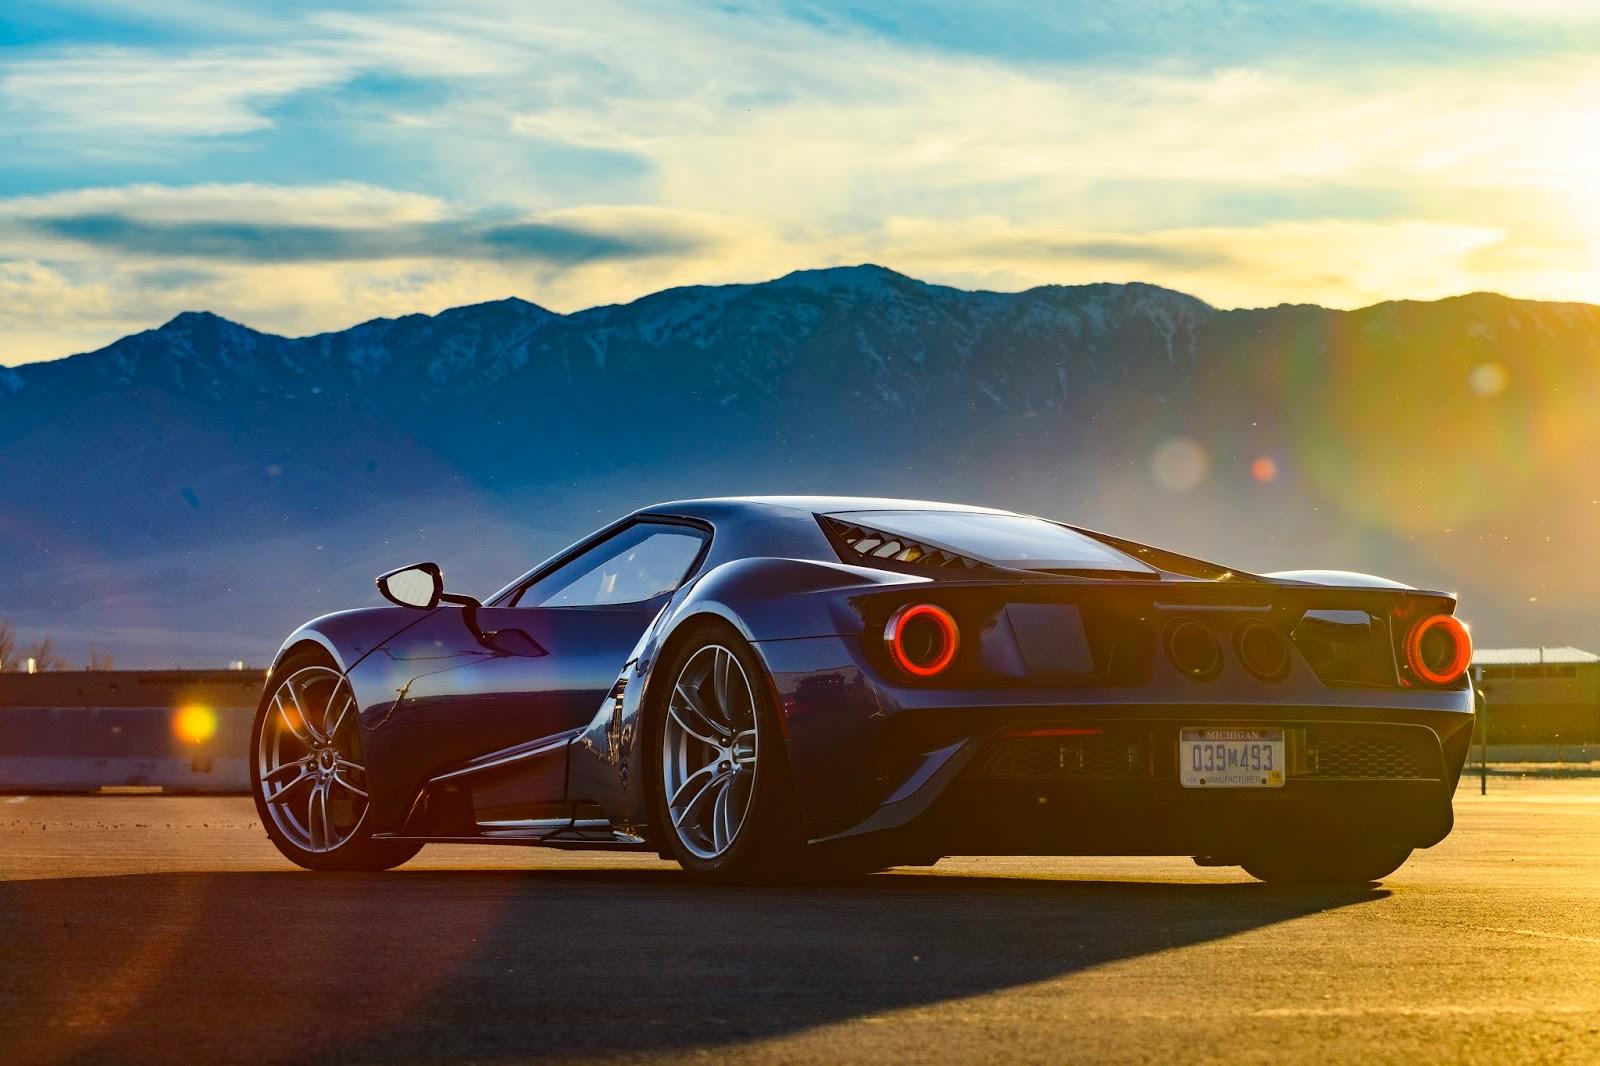 All NewFordGT Innovations 04 Ford GT : Το αυτοκίνητο του αύριο... σήμερα Ford, Ford GT, Ford GT 40, Future, supercars, τεχνικά, Τεχνολογία